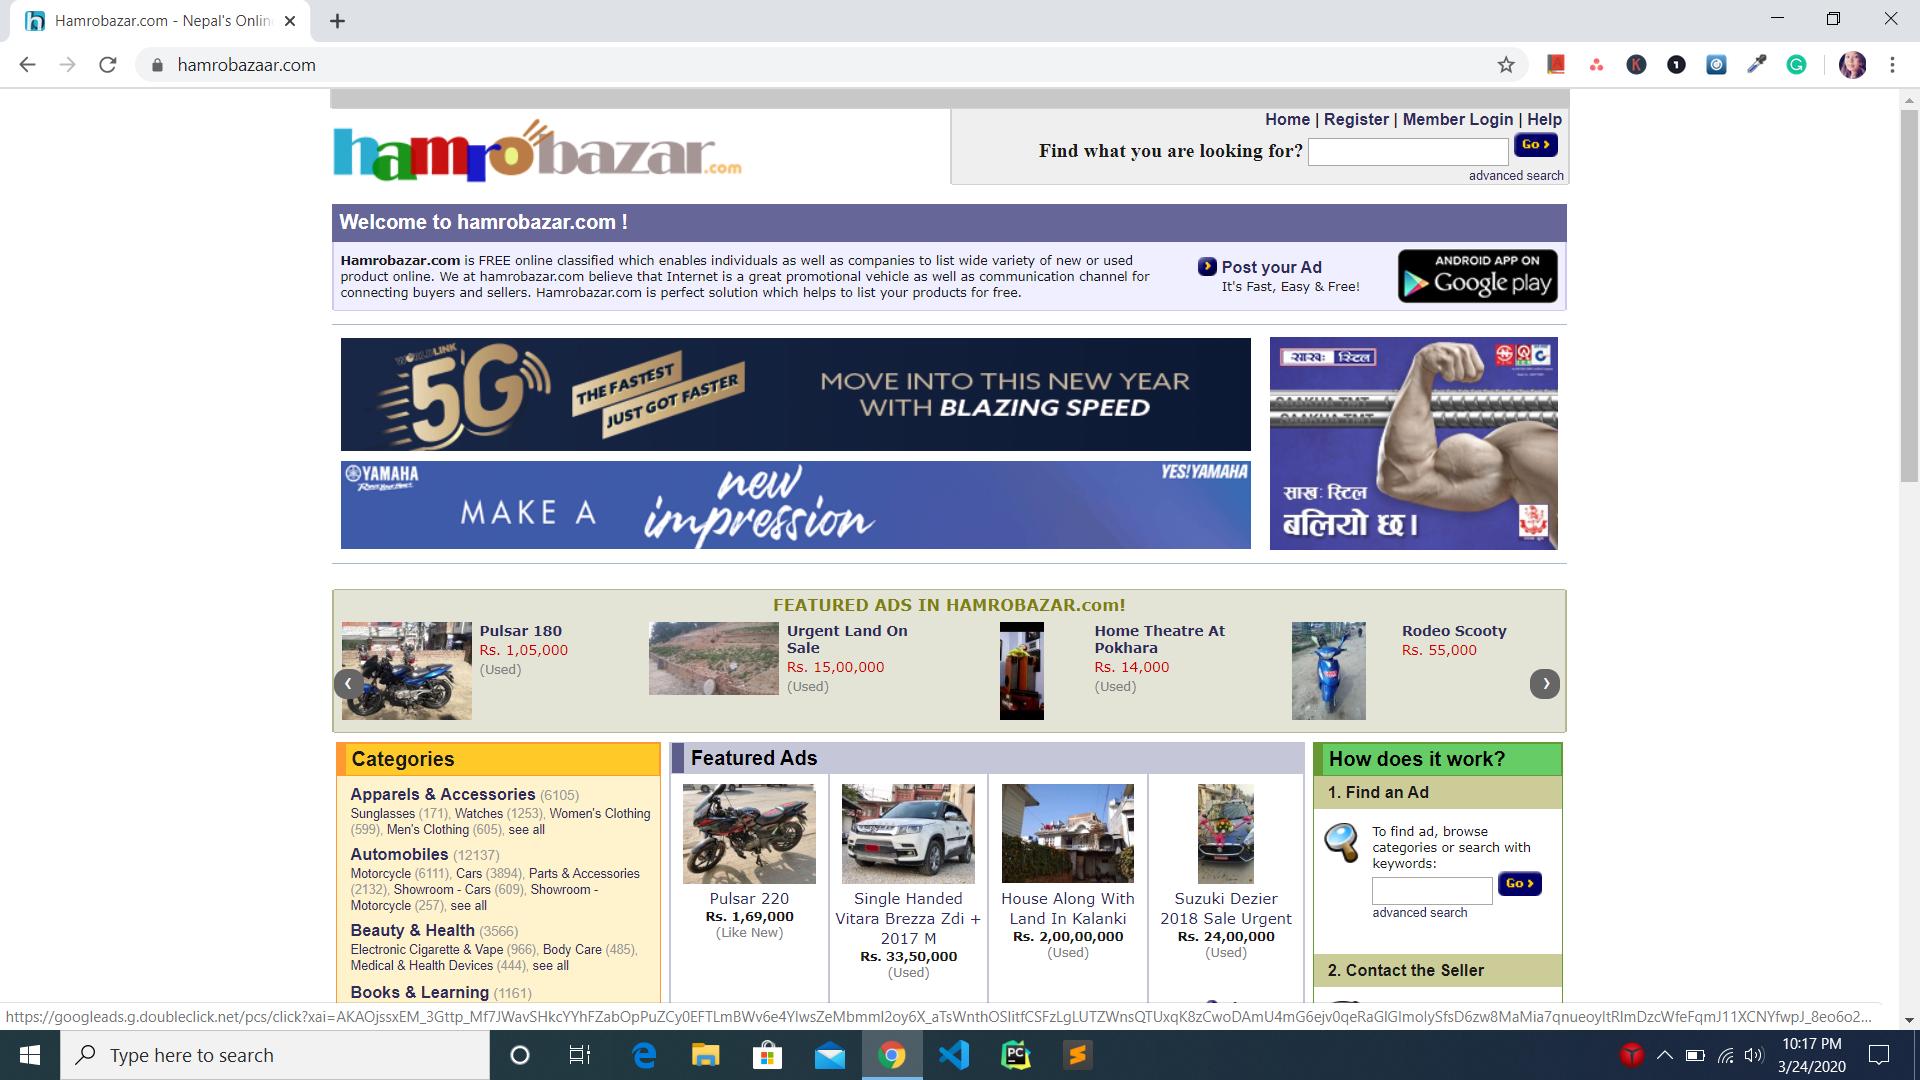 hamrobazzar online site